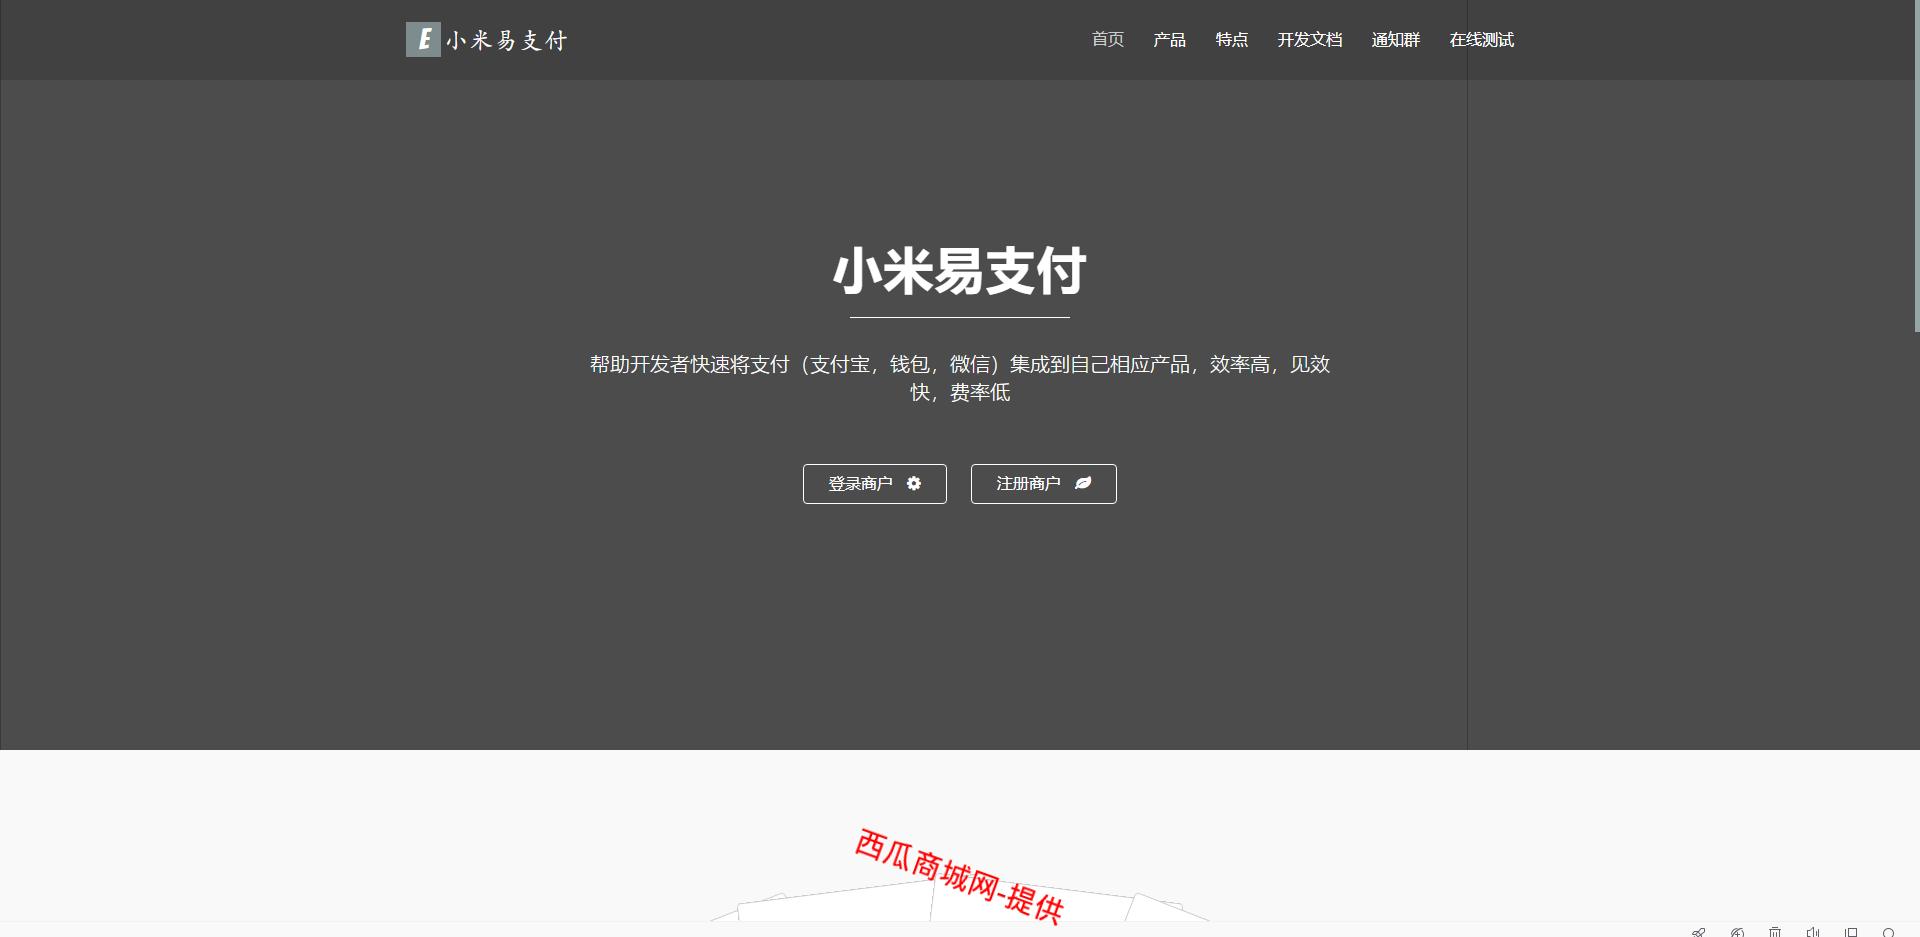 黑白娱乐网-小米易支付系统源码-黑白娱乐网